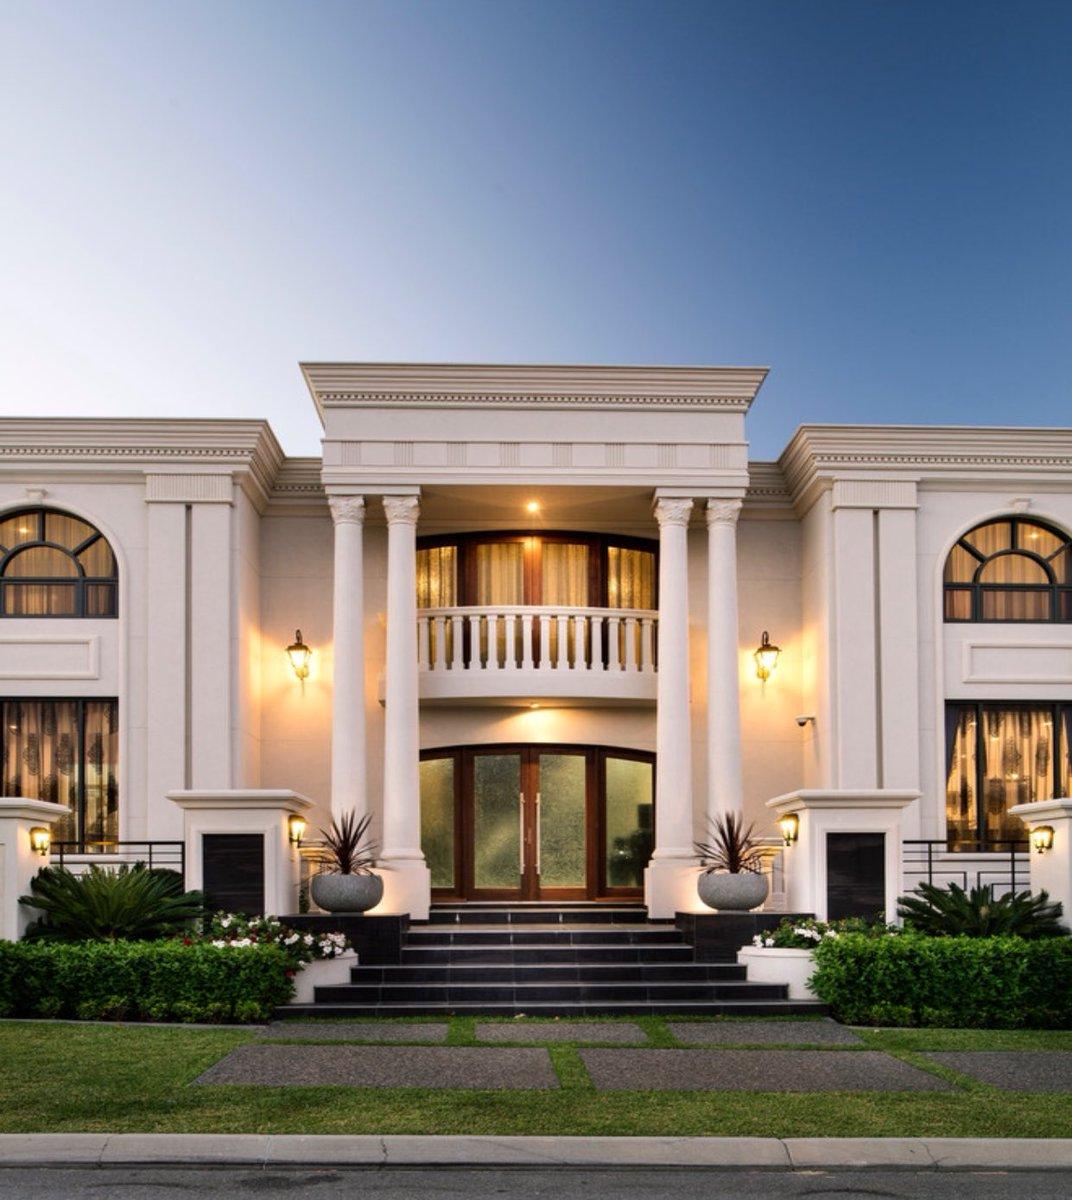 واجهات منازل 2020 عصرية